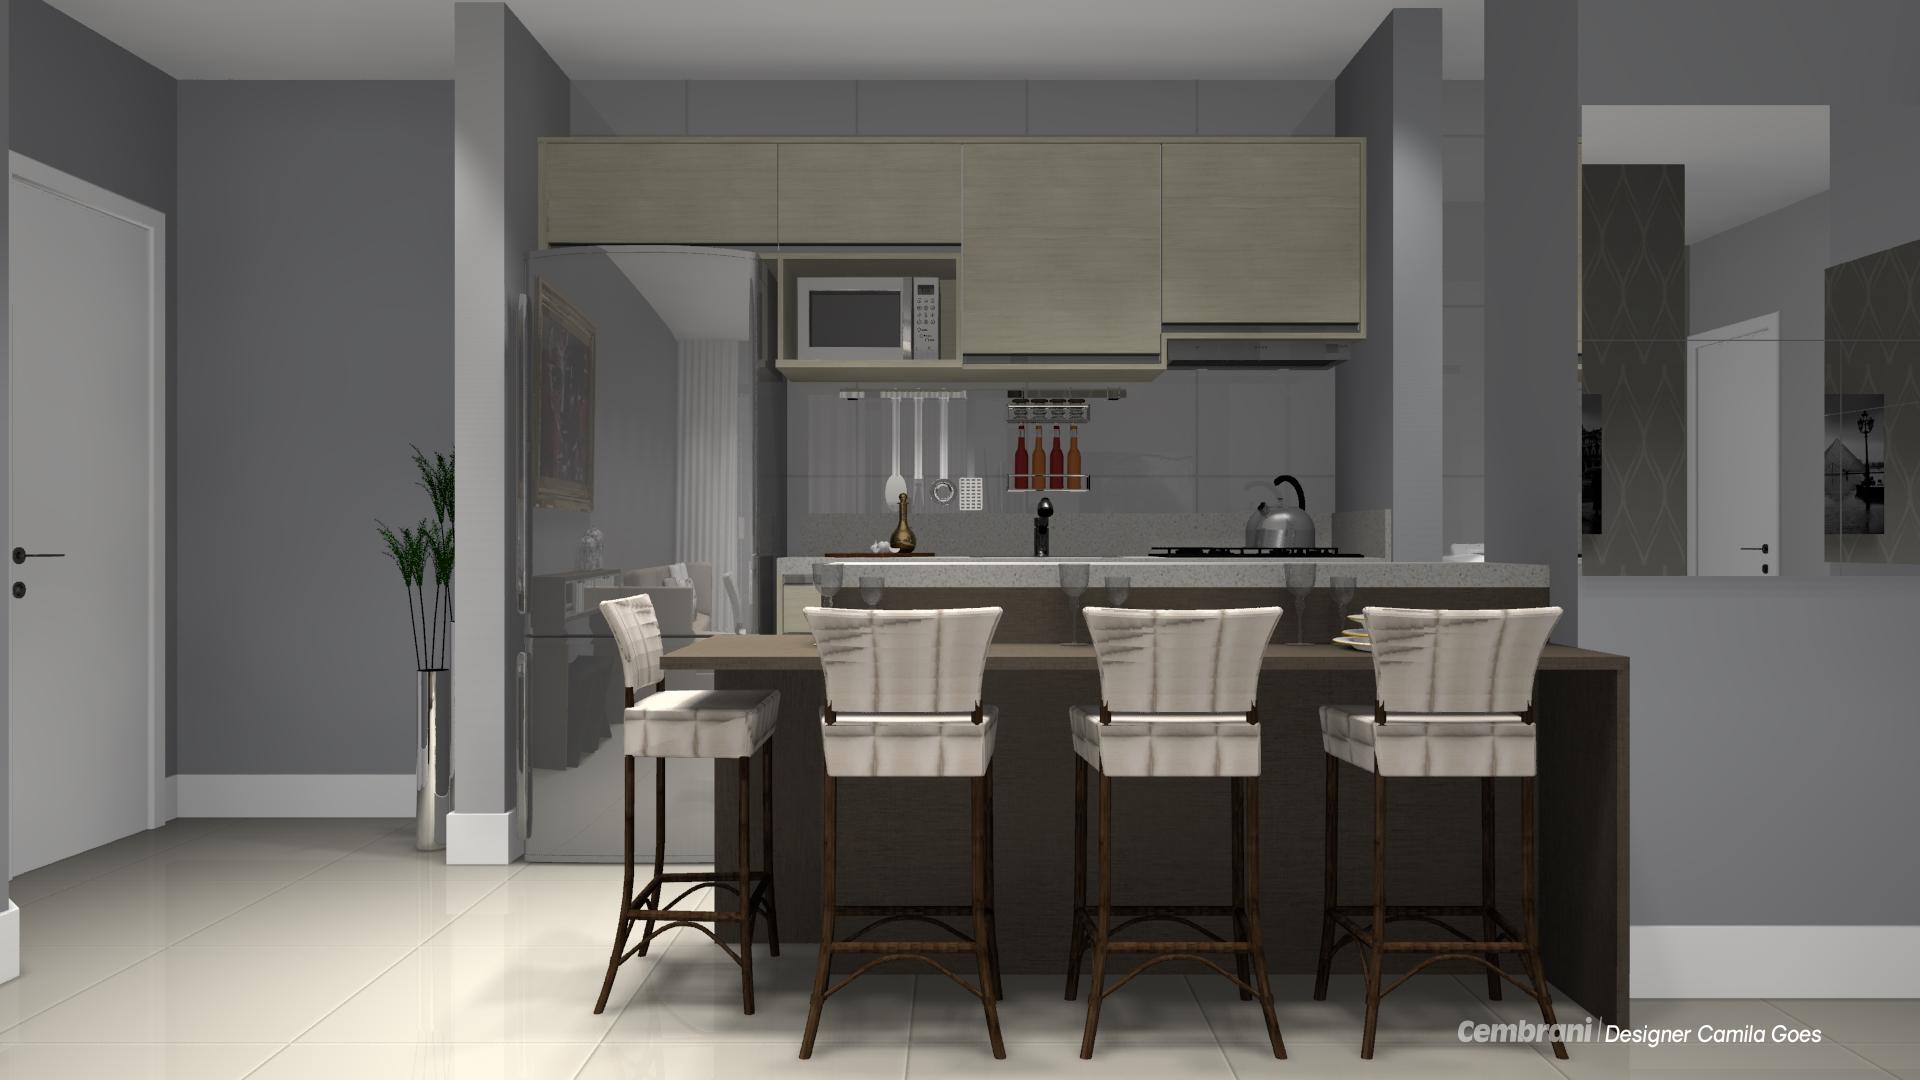 cozinha linear03 voceprecisadecor.com.br #796F52 1920 1080